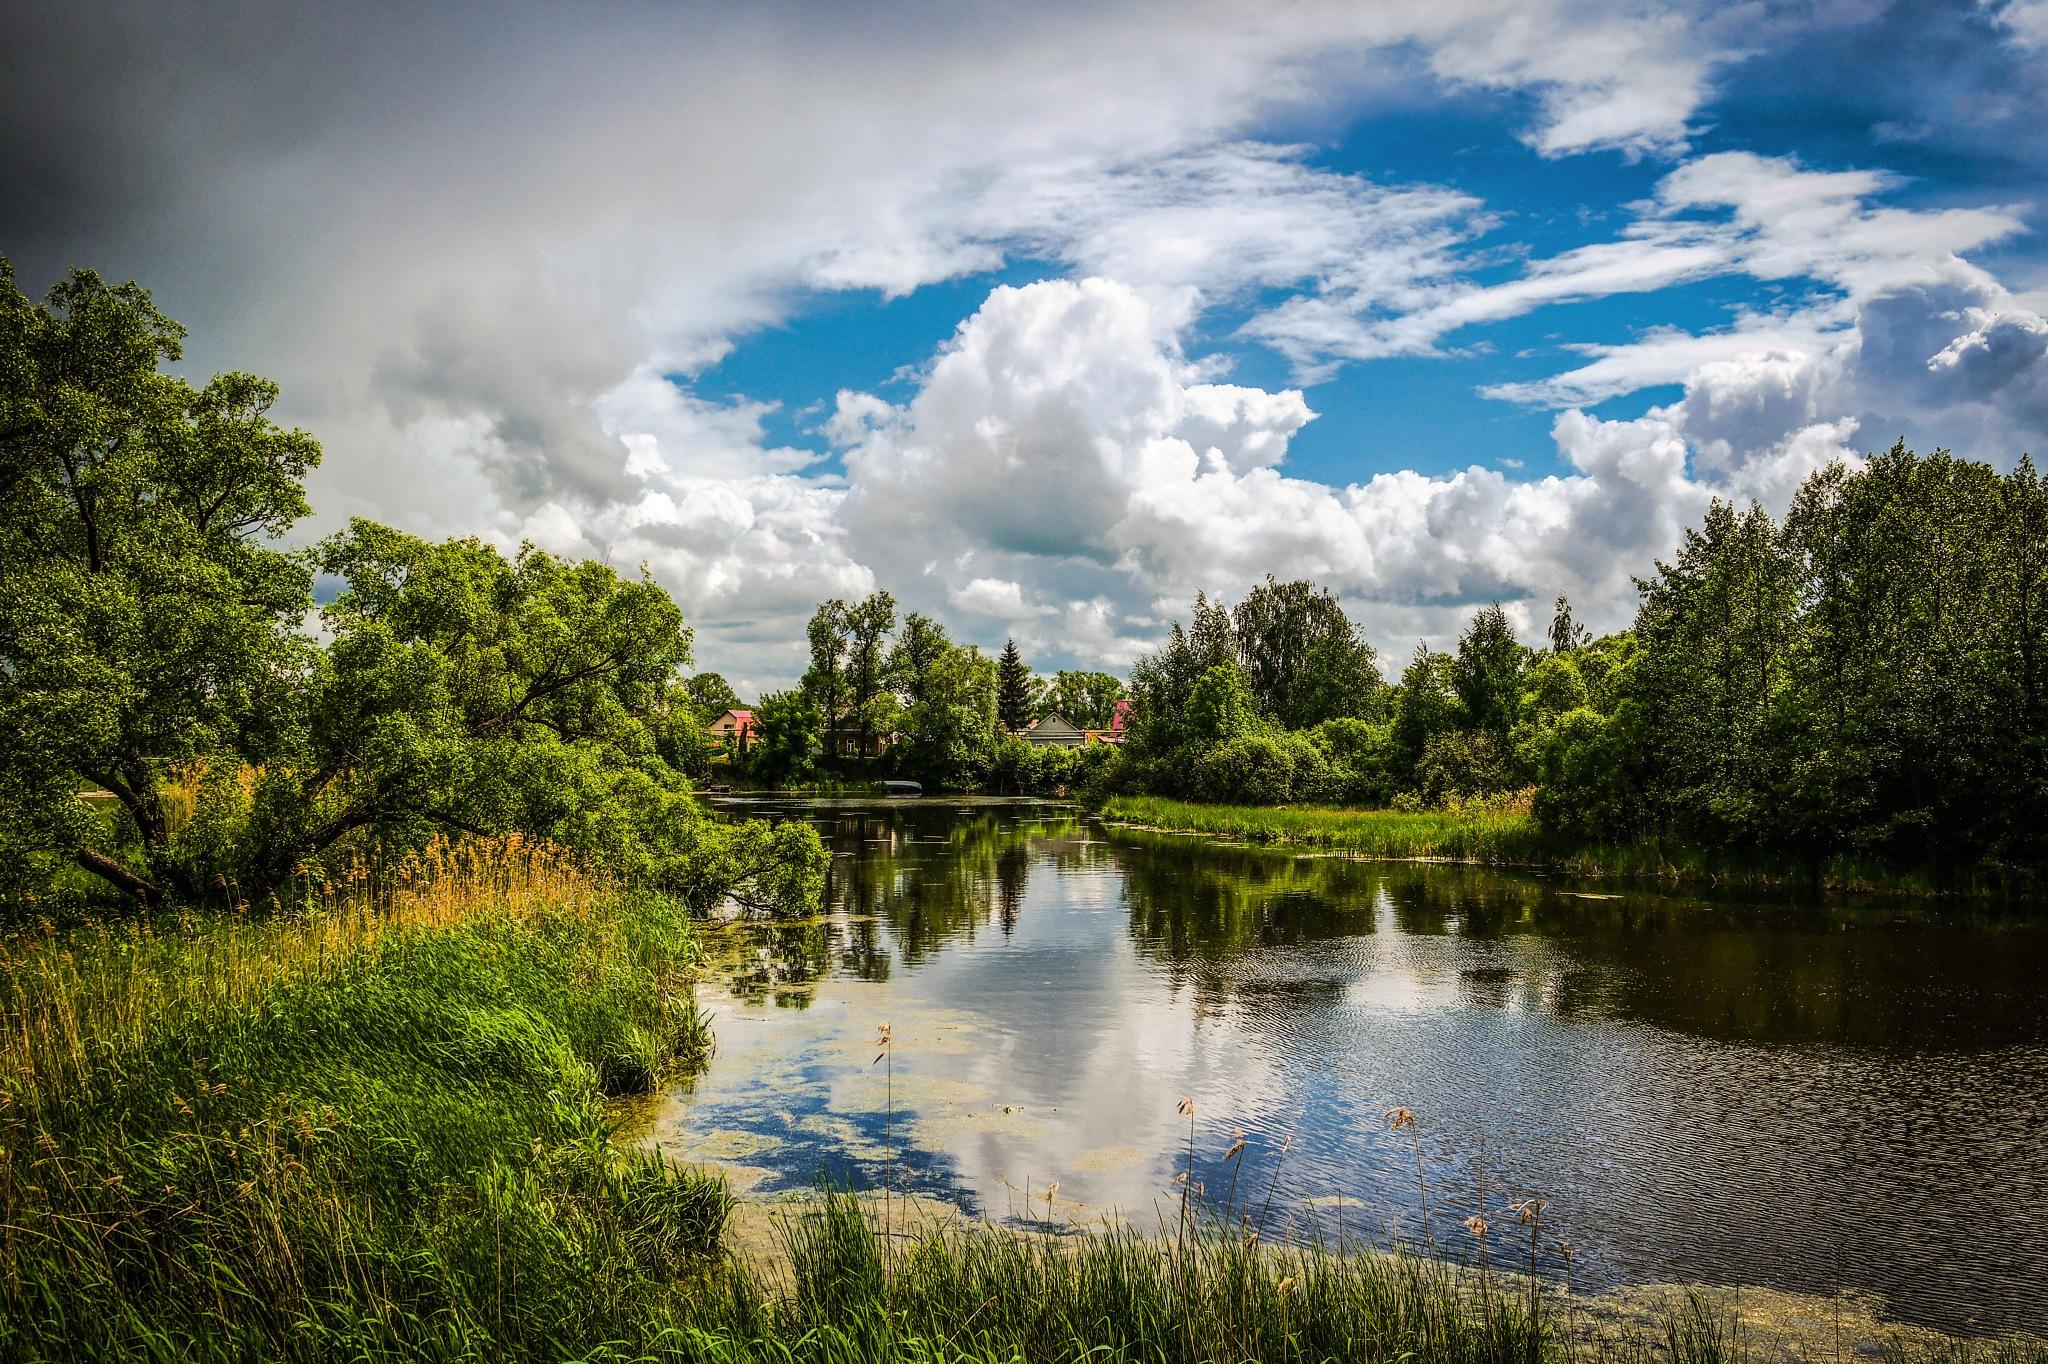 Near the pond............... by Alexandr  Seleznev